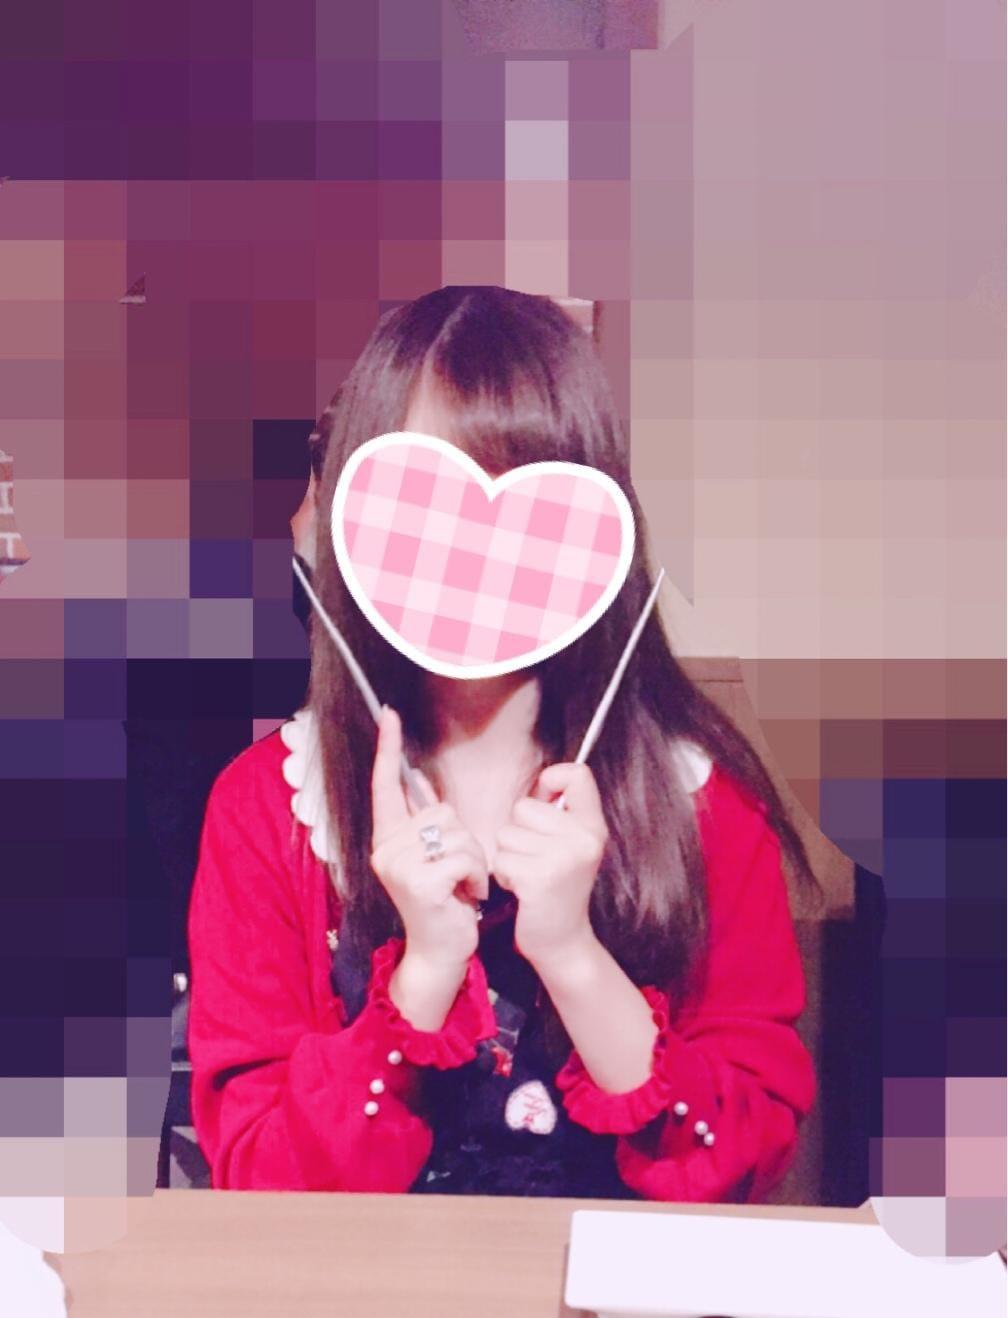 「出勤します( ´  ` )」01/22(火) 11:15 | かのんの写メ・風俗動画